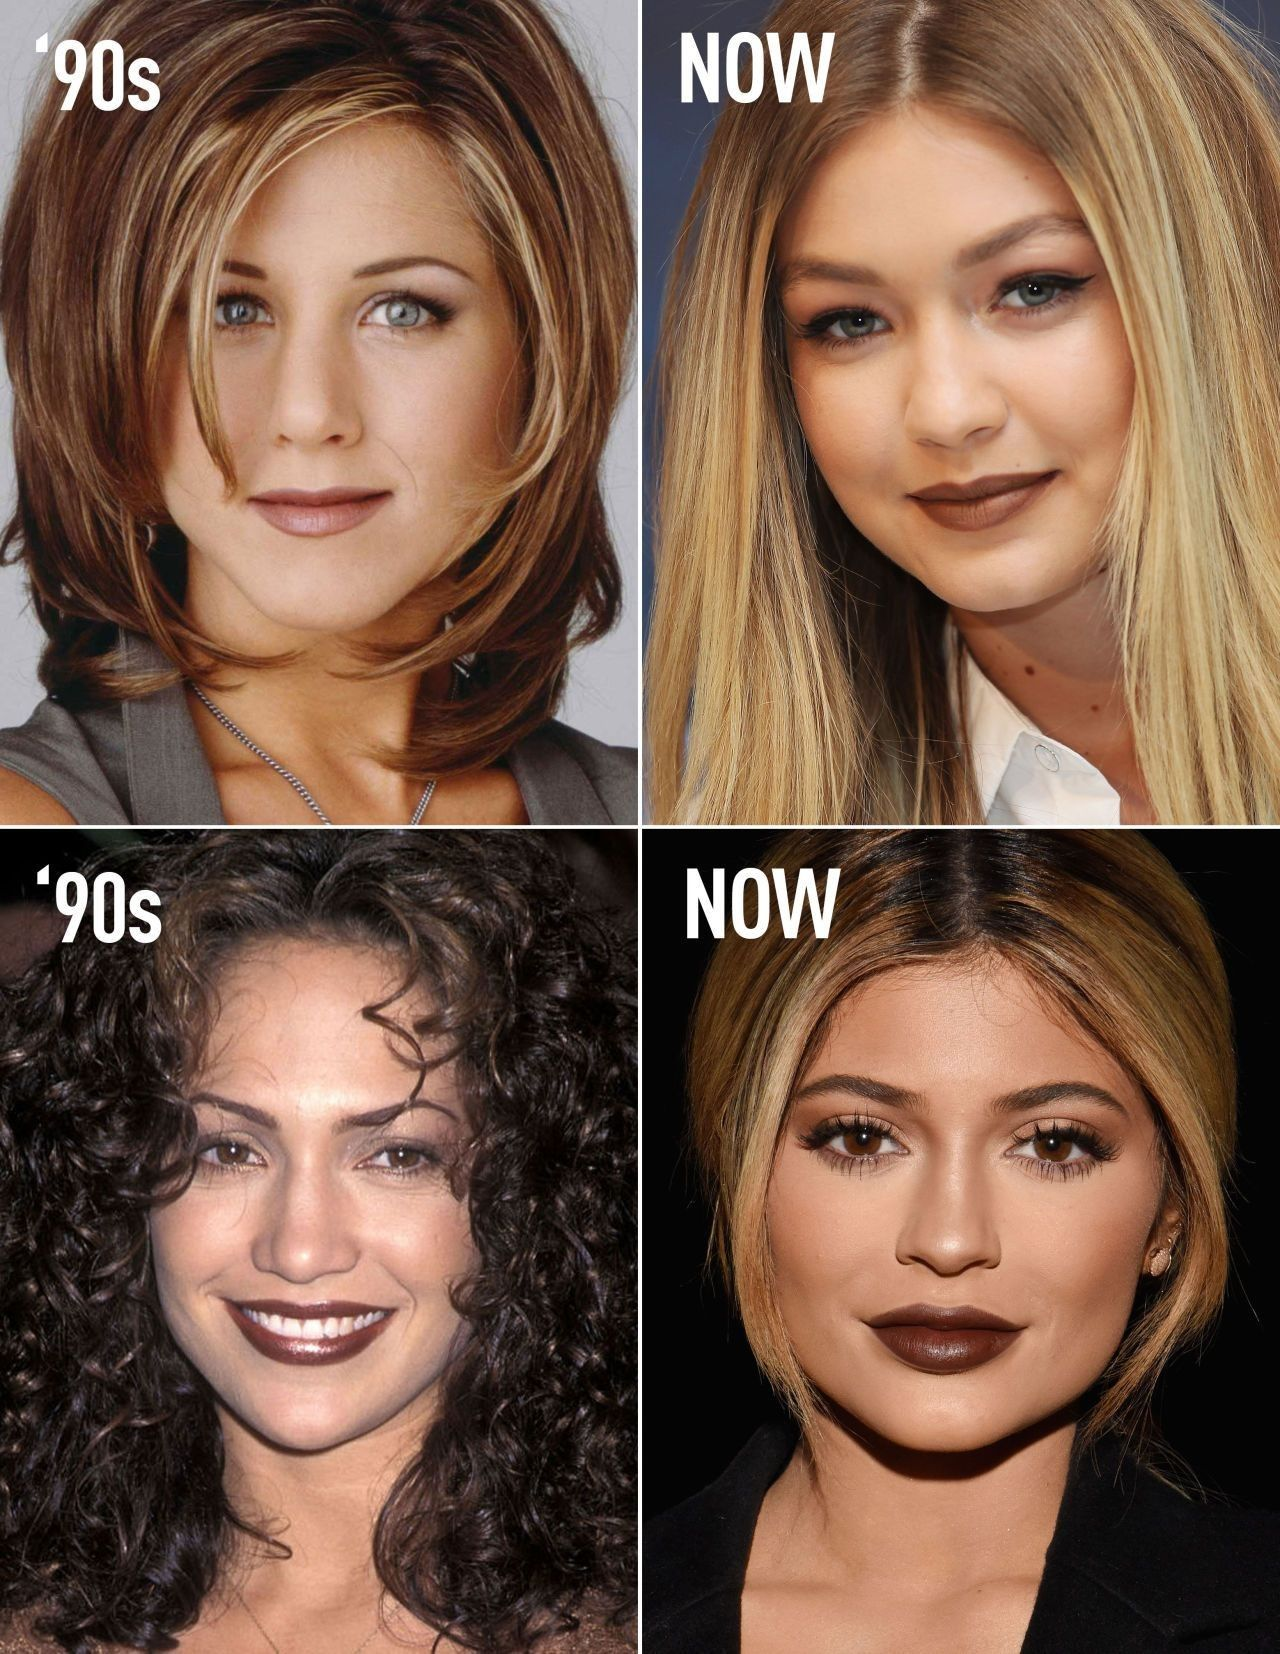 Pin By Briana Thomas On Fashion Hair Makeup 90s Makeup Look